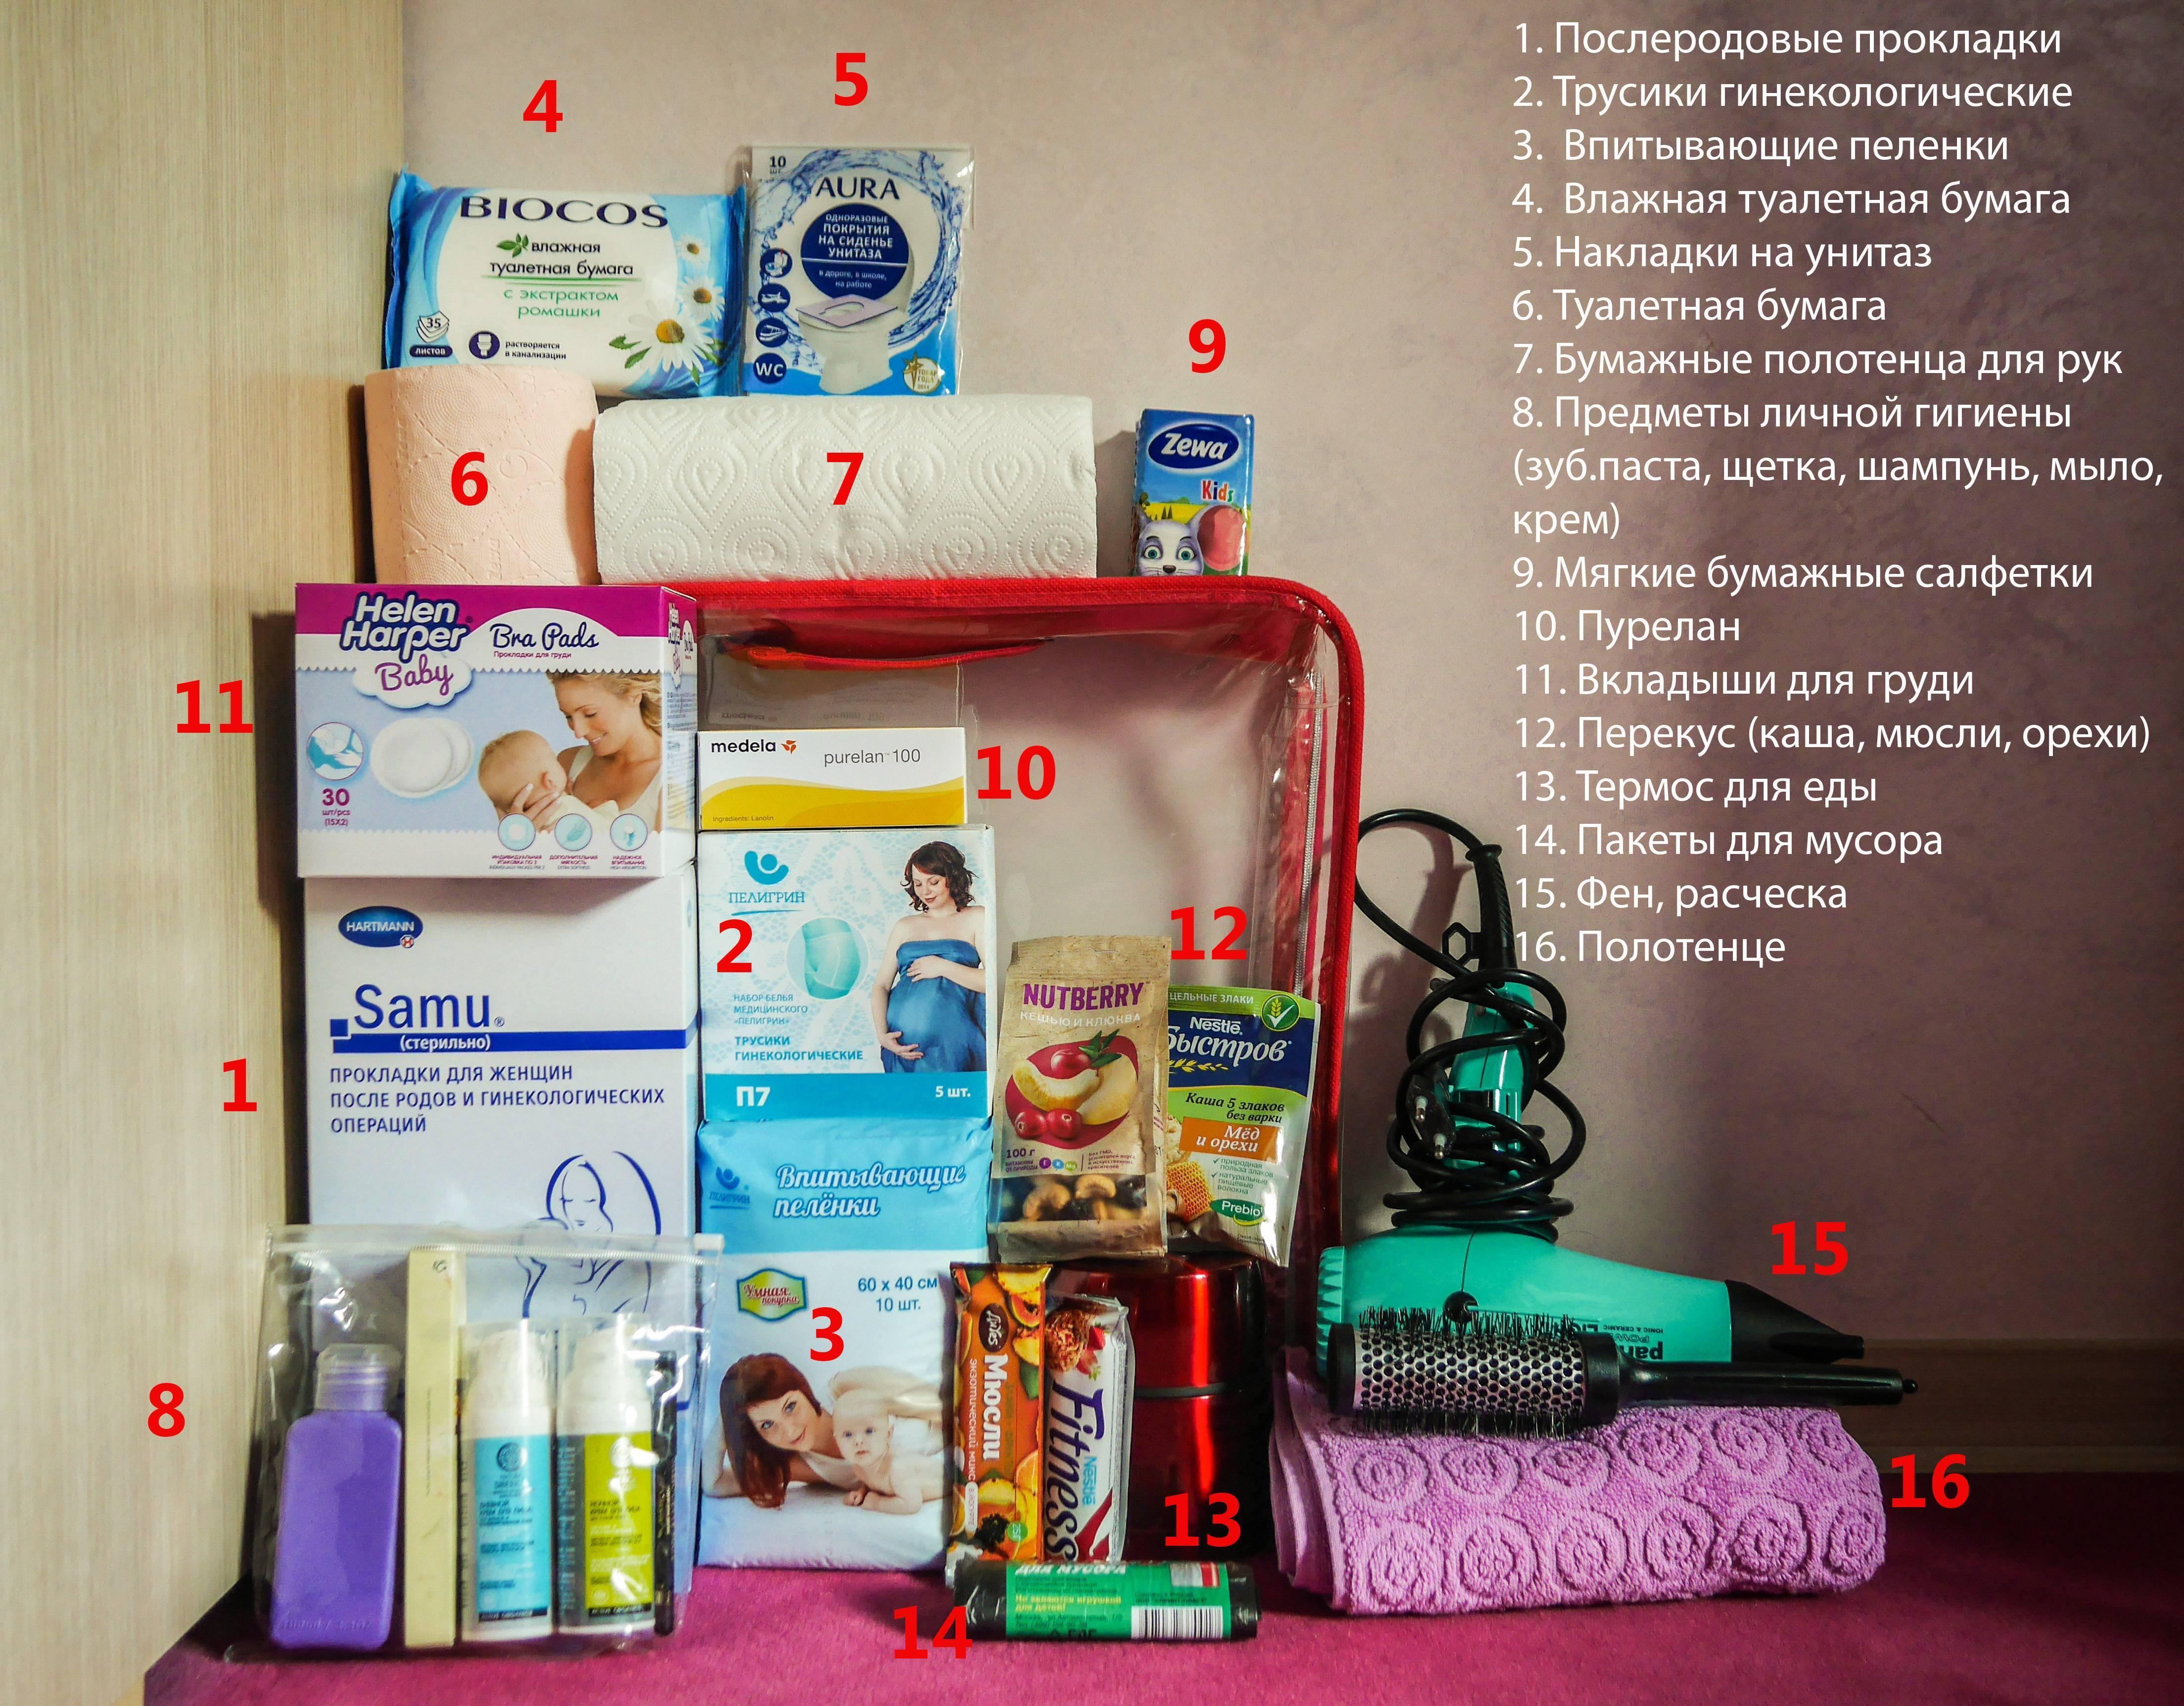 Вещи, которые необходимо взять с собой в роддом.